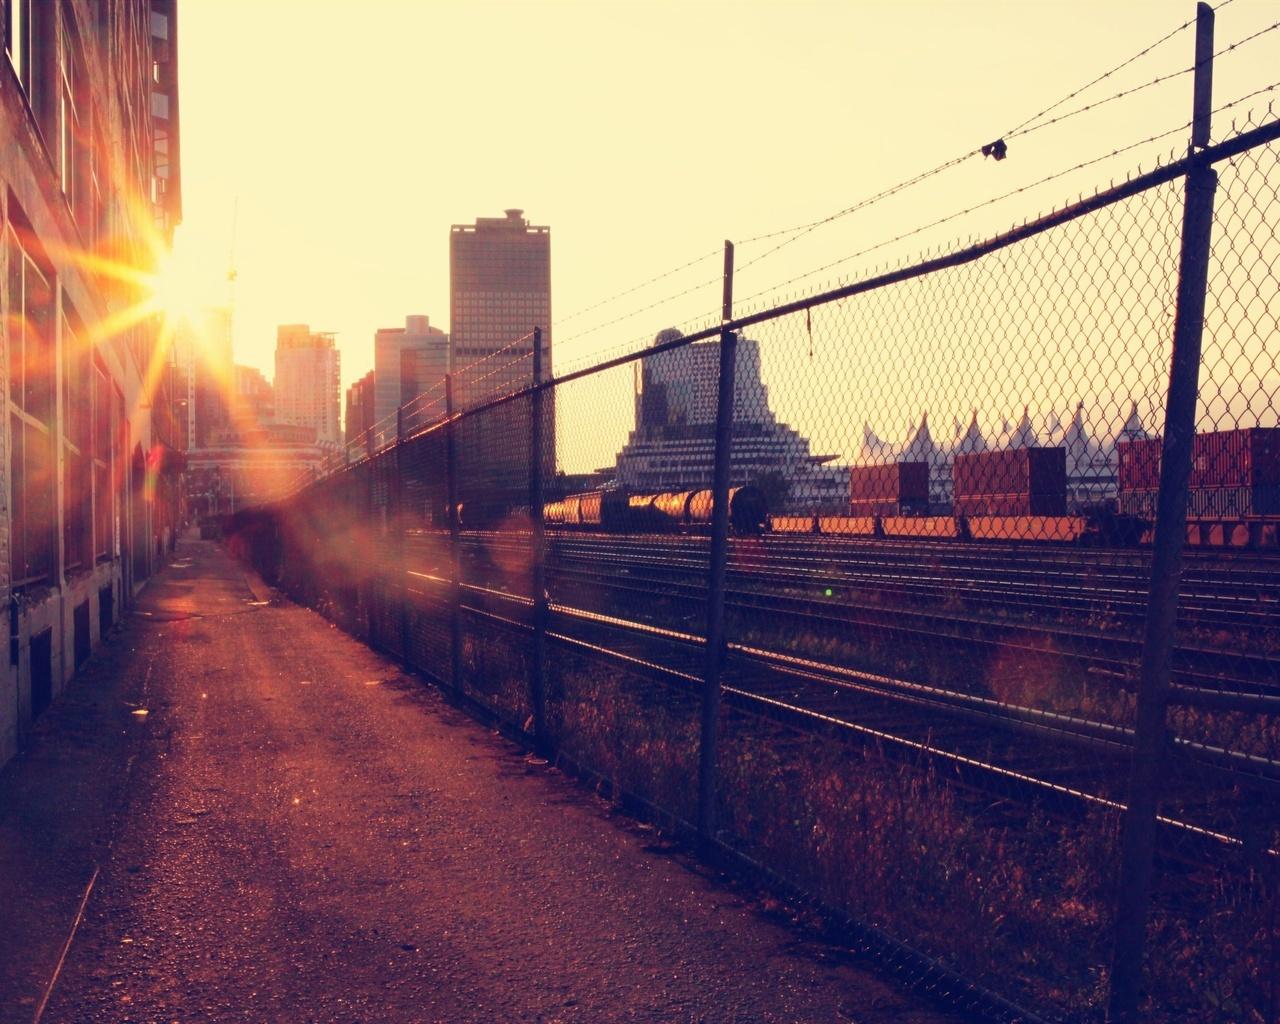 раннее утро в городе